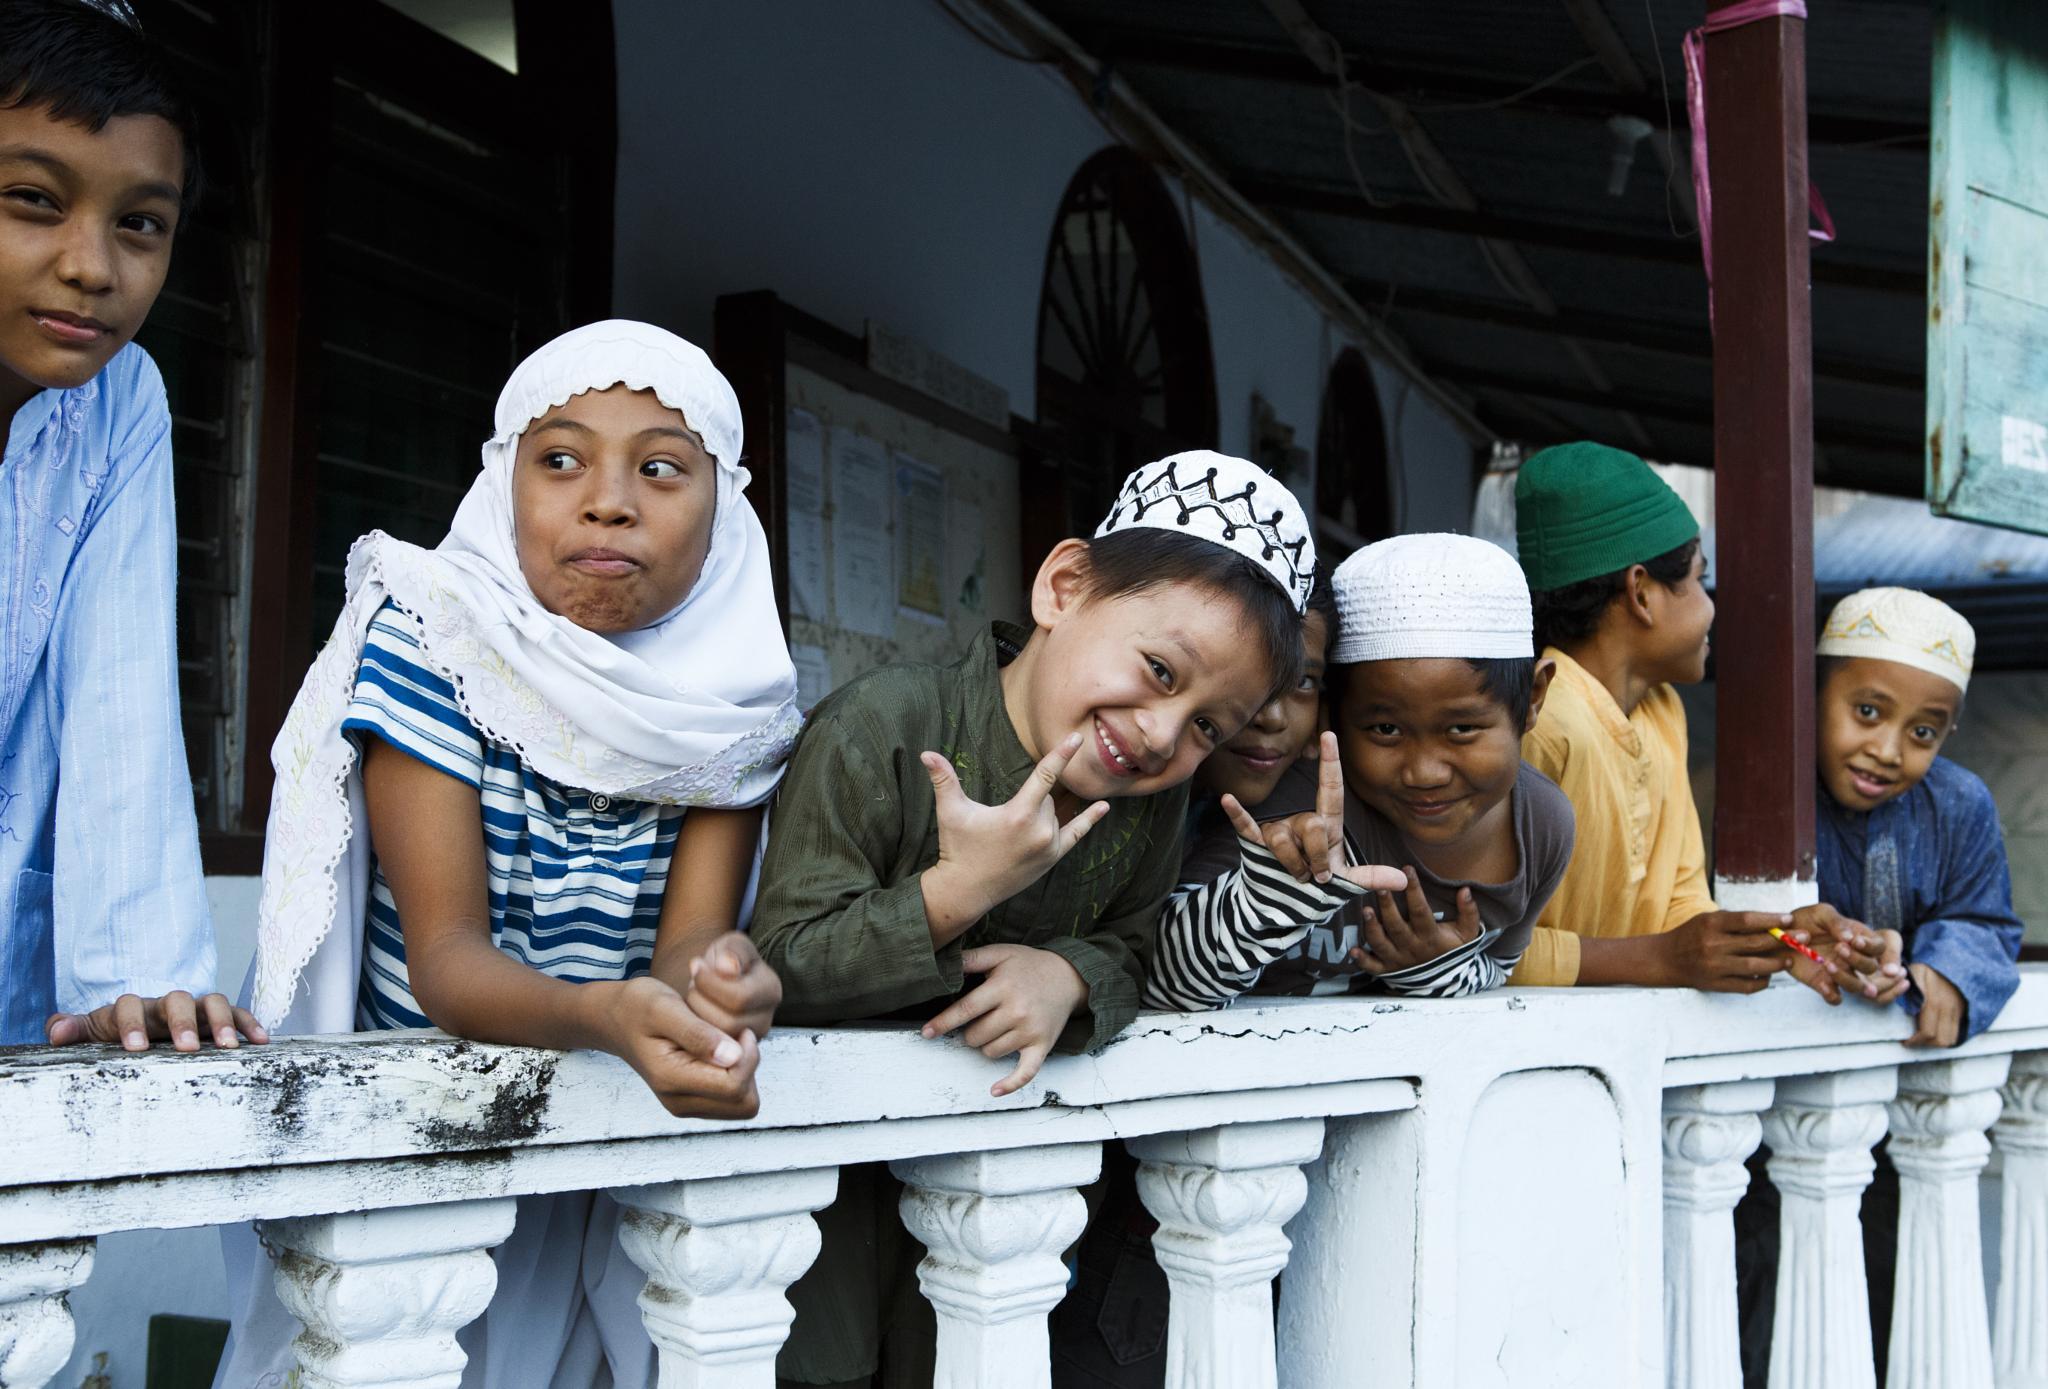 Muslim School Kids by Carl Scott